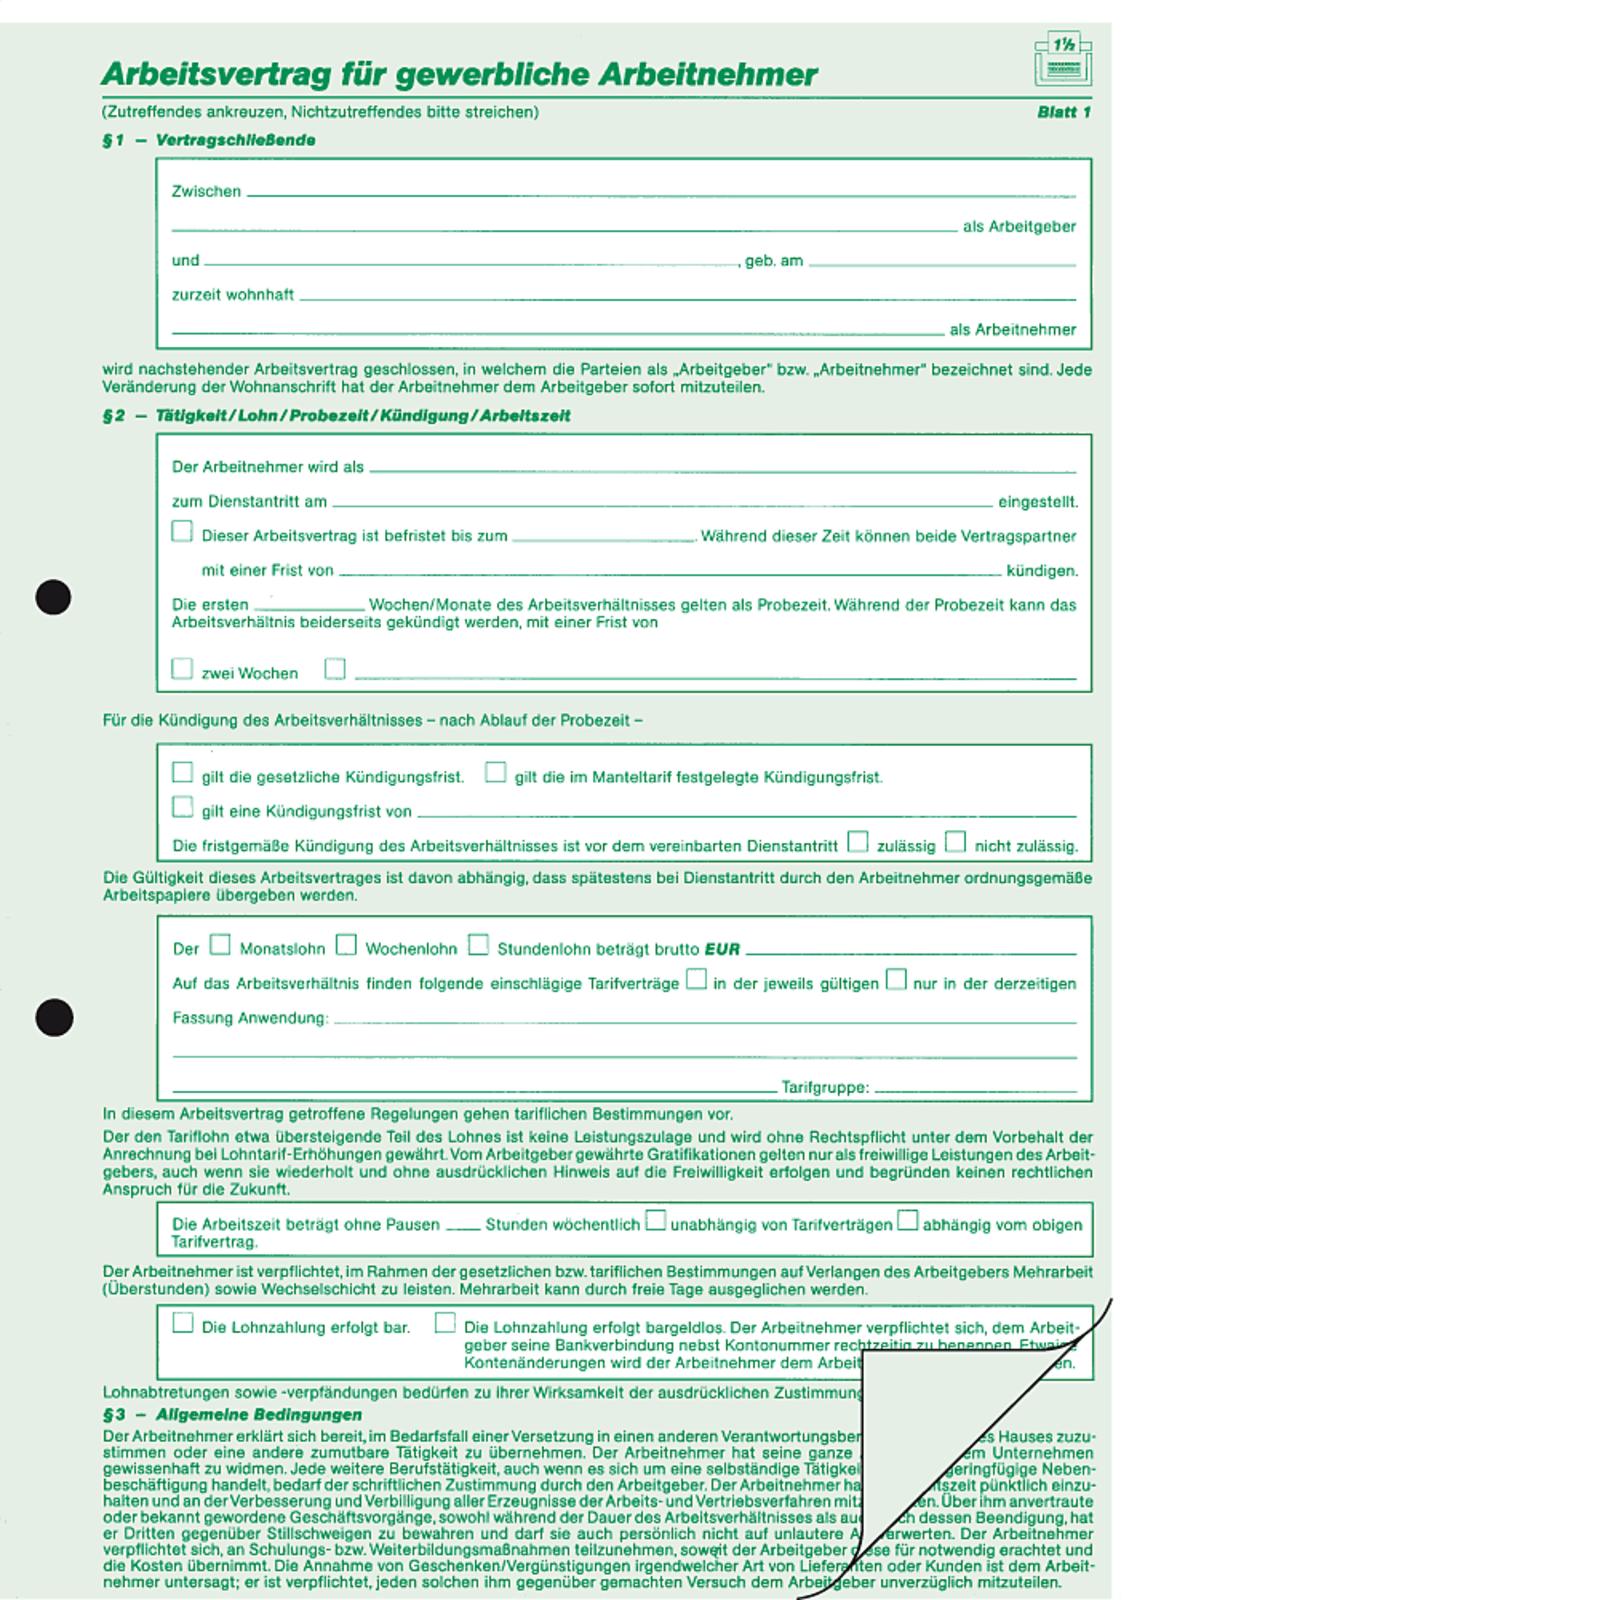 Rnk Arbeitsvertrag Gewerbl54210 Arbeitsvertrag Gewerblich Din